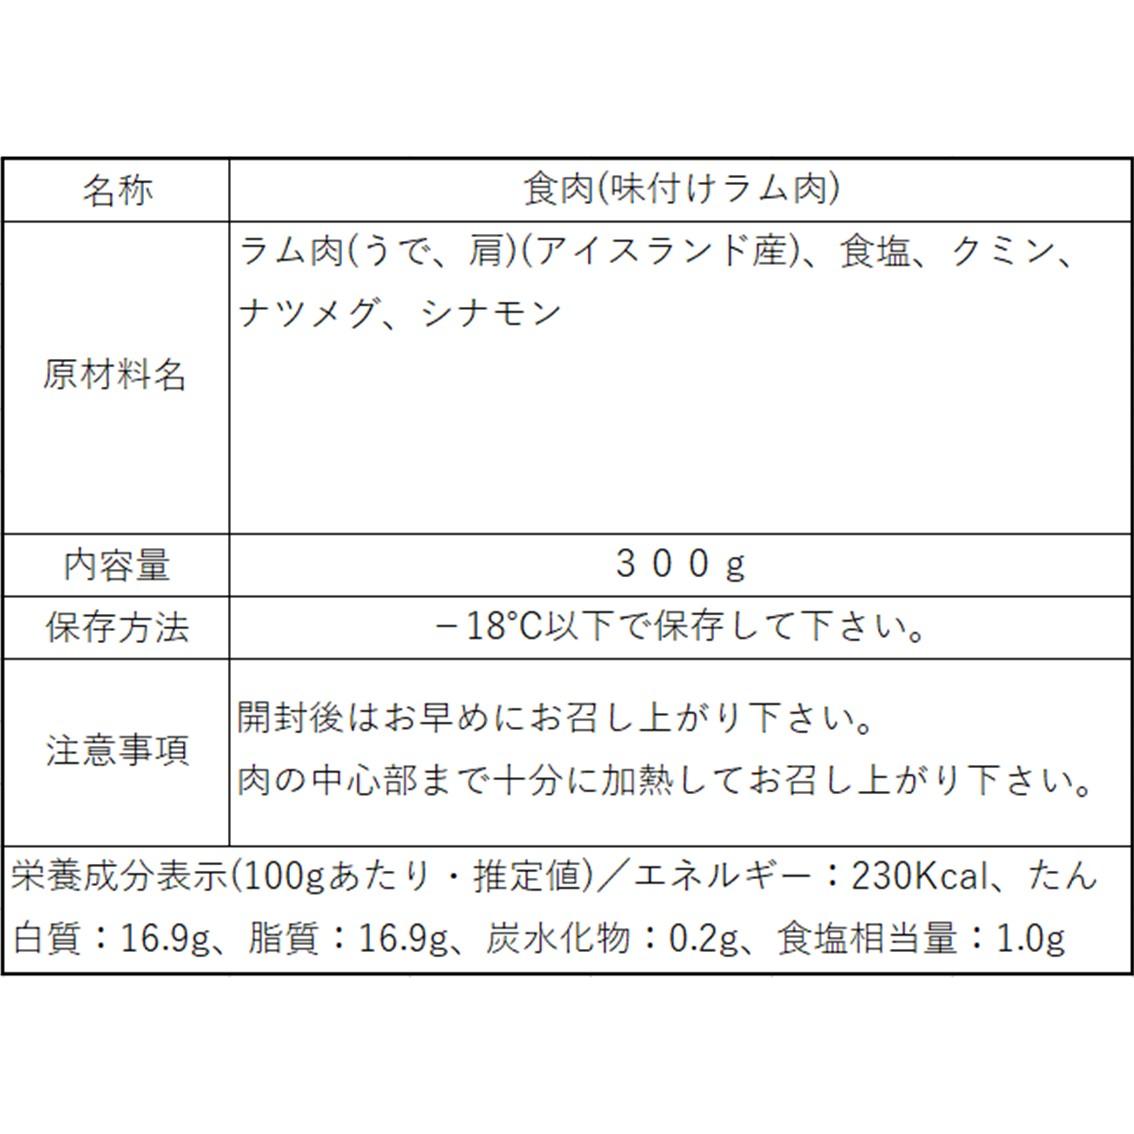 ラムハンバーグの素(ラム粗挽きミンチ) LUXE BURGERS監修特製スパイス配合【アイスランドラム】300g